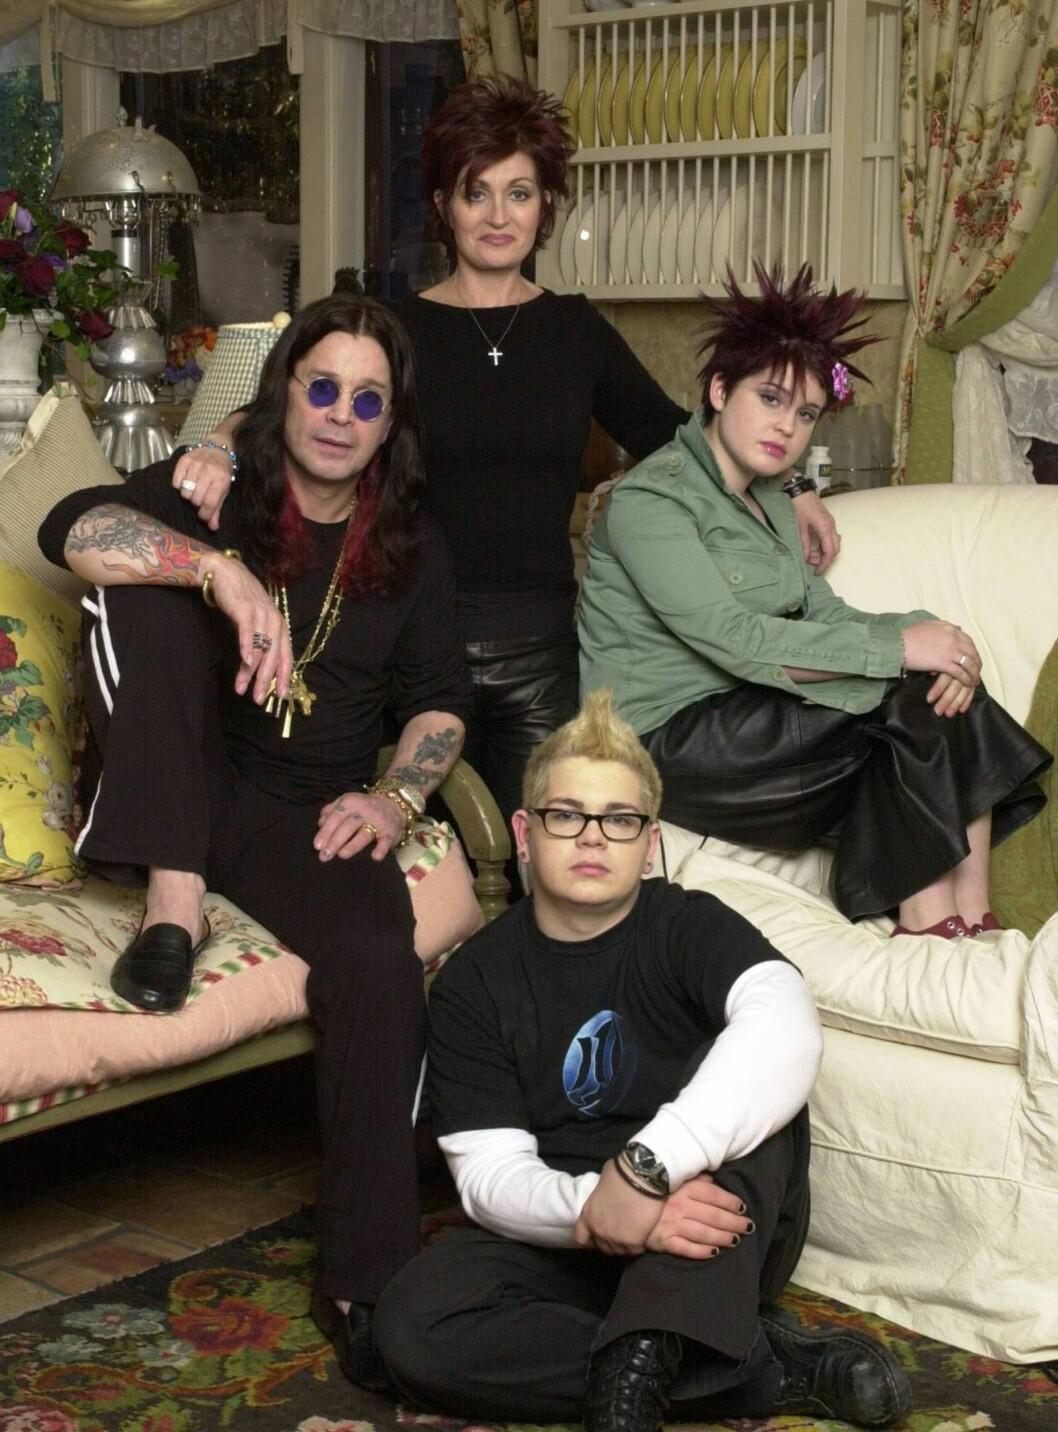 <strong>HJEMMEBRANN:</strong> Det er foreløpig ikke klart hva som startet brannen hjemme hos Ozzy, Sharon, Kelly og Jack Osbourne. Foto: All Over Press